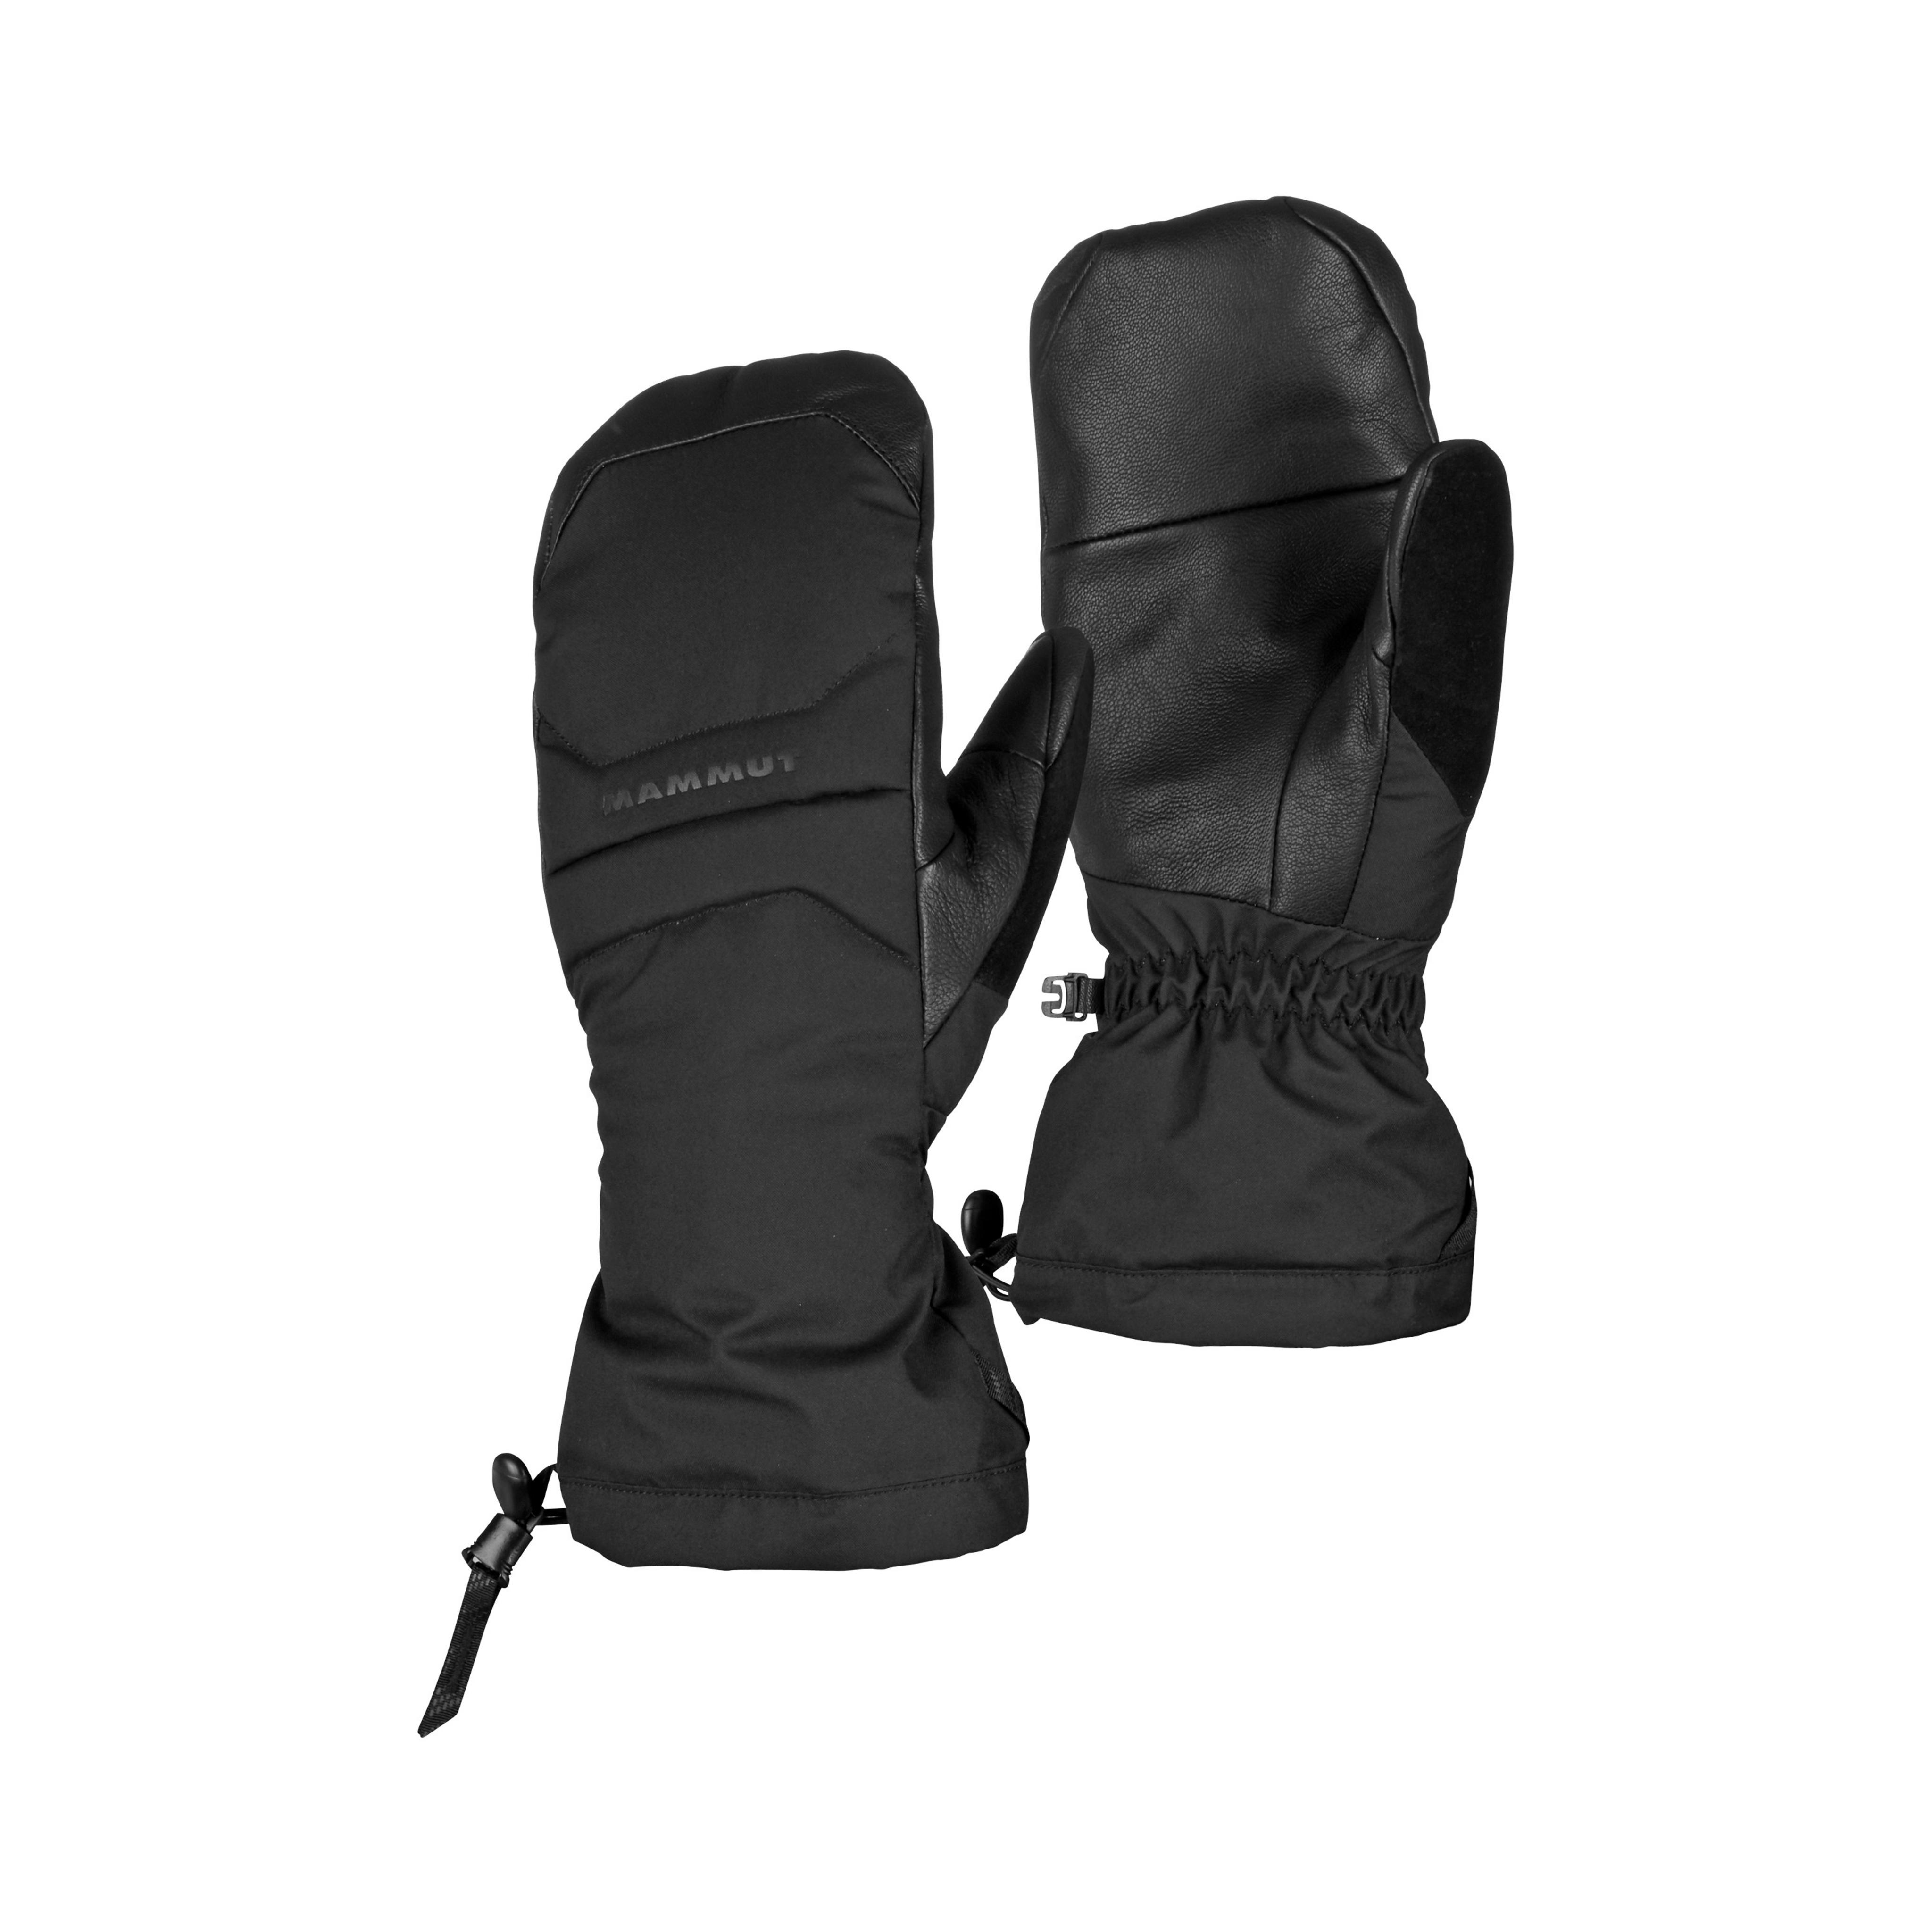 Casanna Mitten - 6, black thumbnail